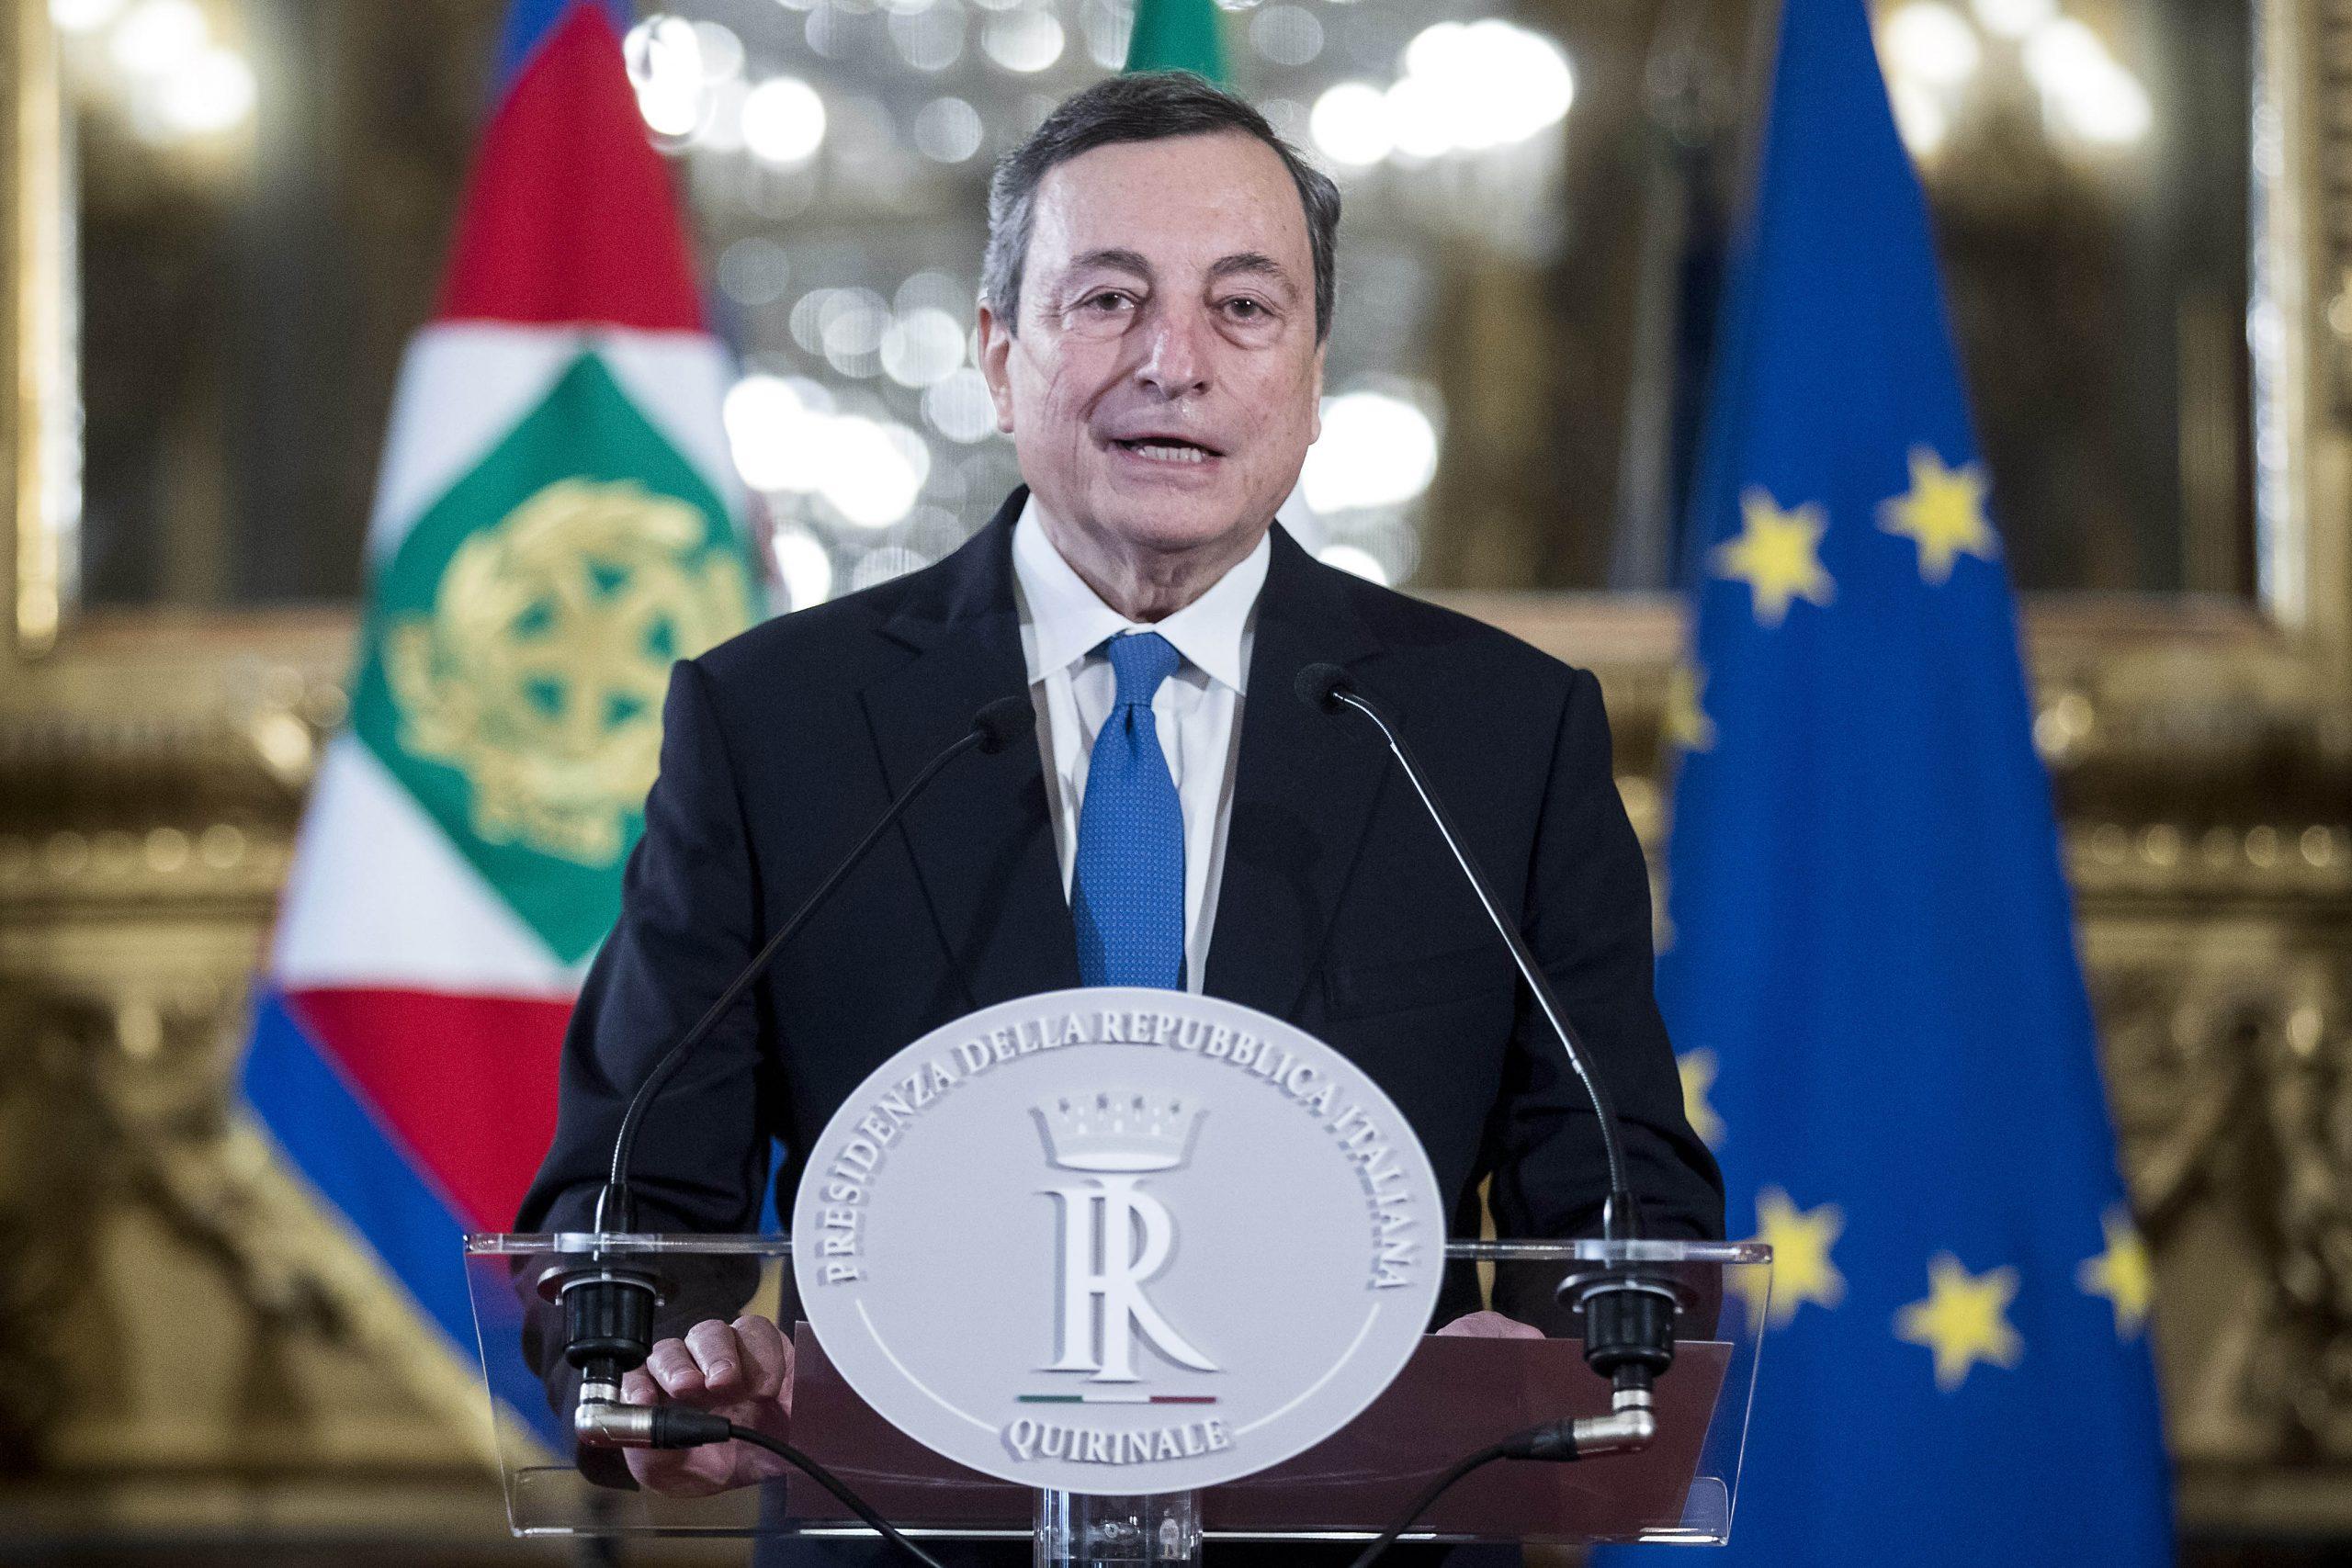 draghi-nuovo-presidente-incaricato:-le-tre-emergenze-sono-sanita,-sociale-ed-economia